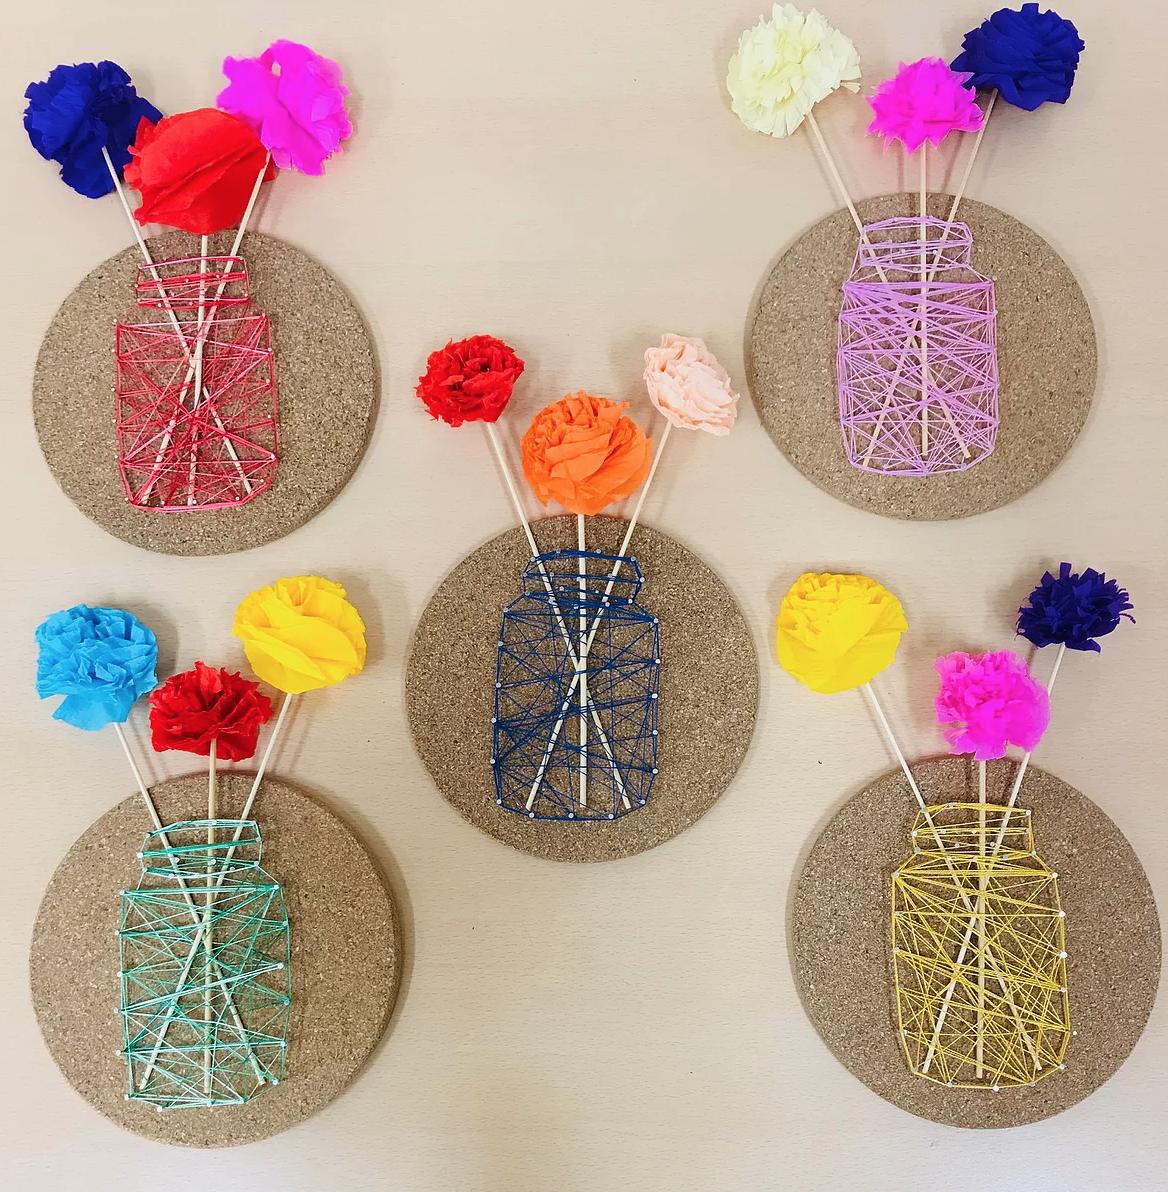 bloemenvaasjes maken